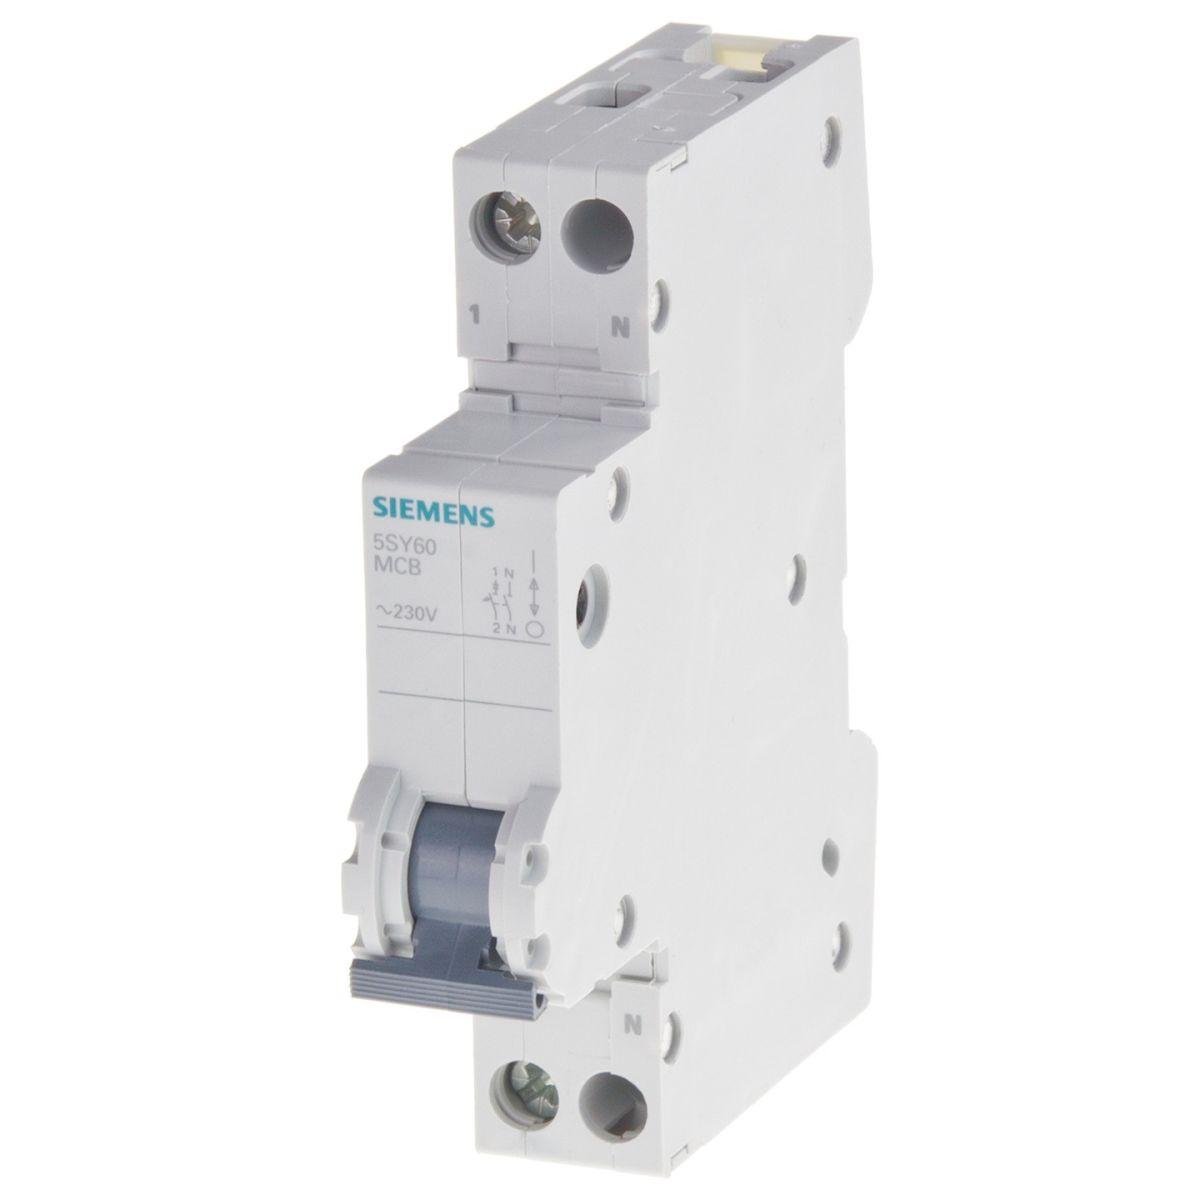 50231 siemens circuit breaker 5sy60027